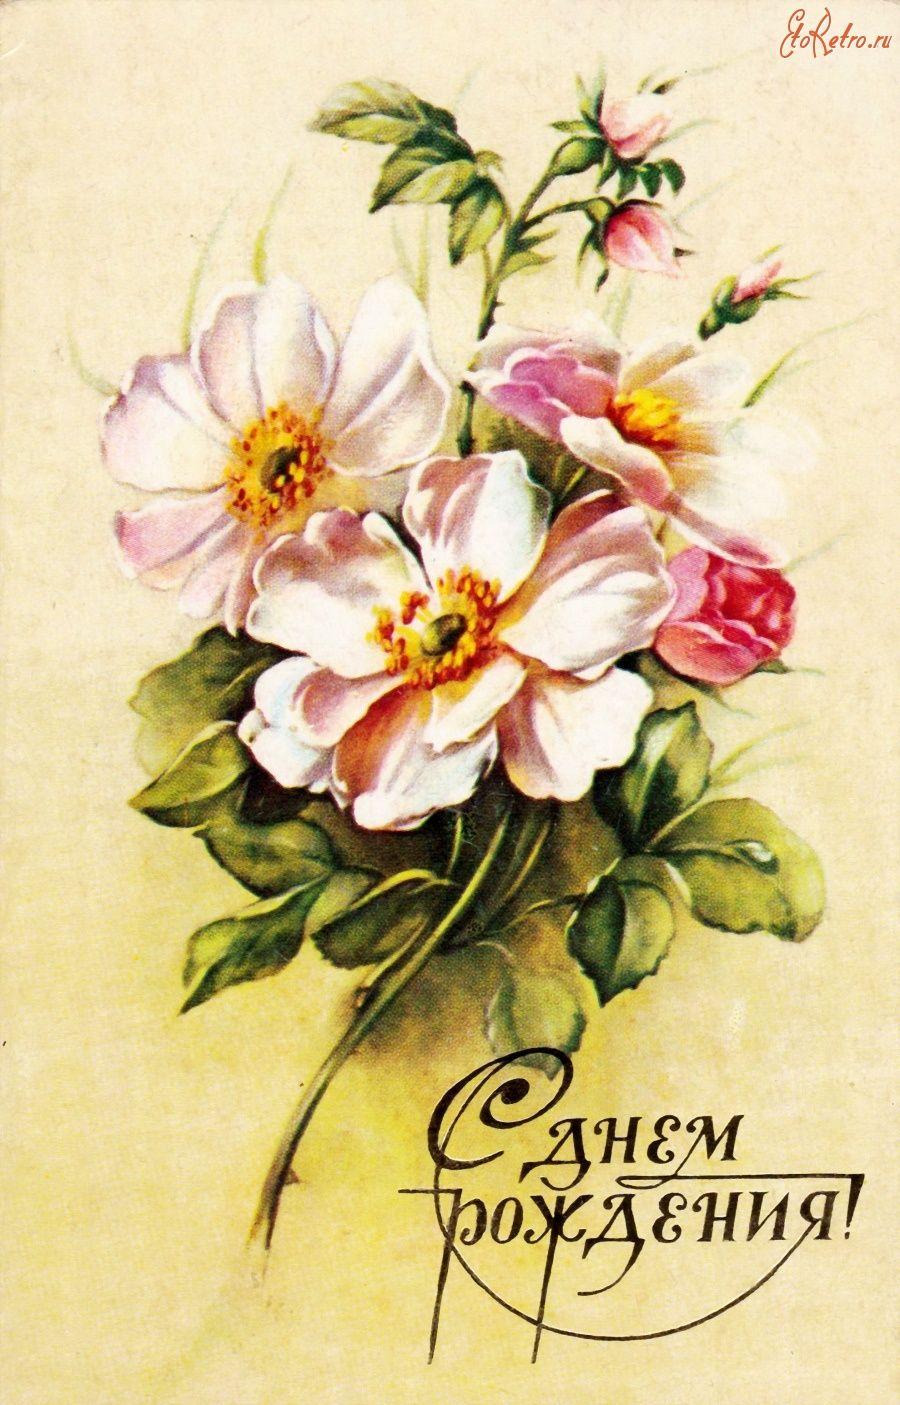 Поздравлением, поздравления с днем рождения женщине красивые открытки старинные